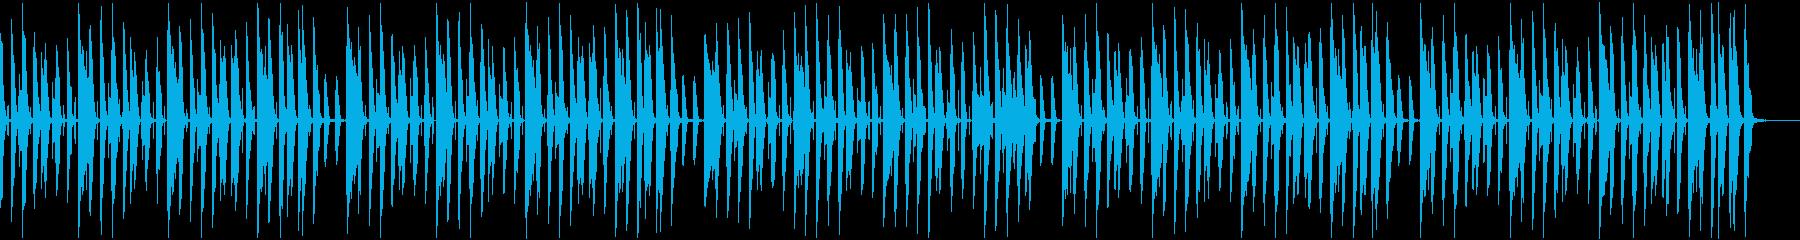 ほのぼの日常 ピアノ レシピ紹介シーンの再生済みの波形